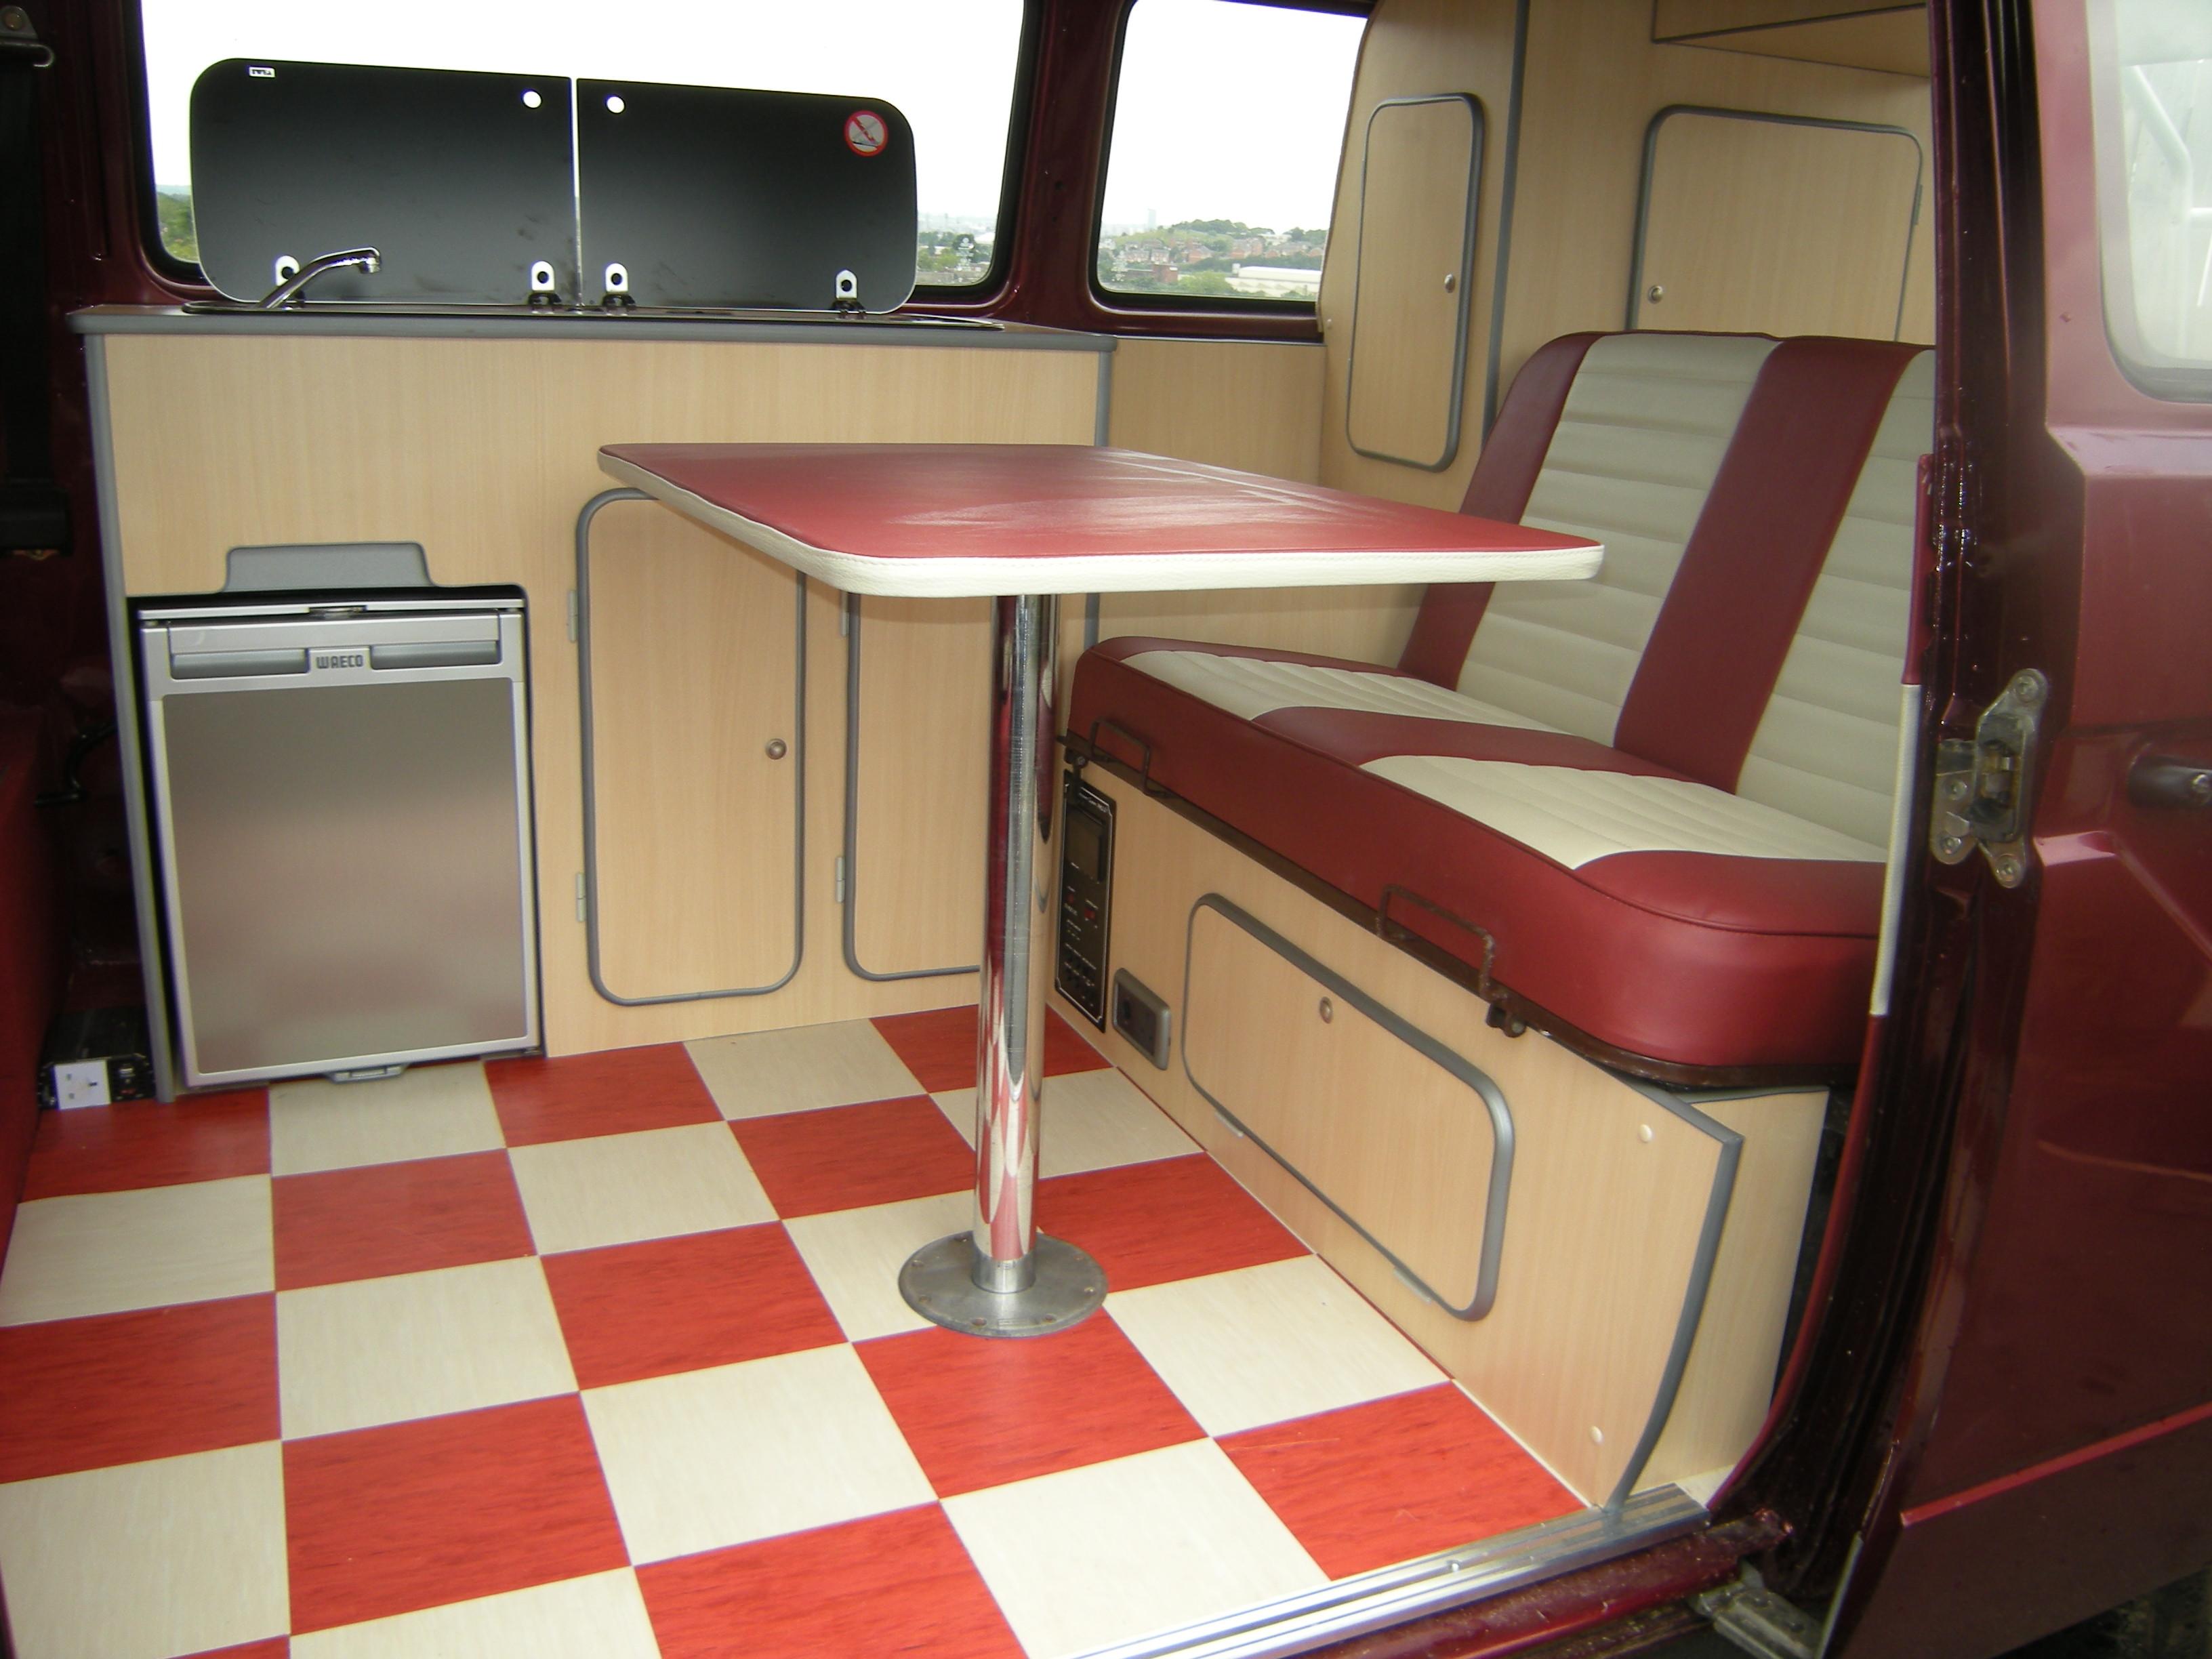 Vw camper interiors leeds yorkshire vw camper for Vw camper van interior designs